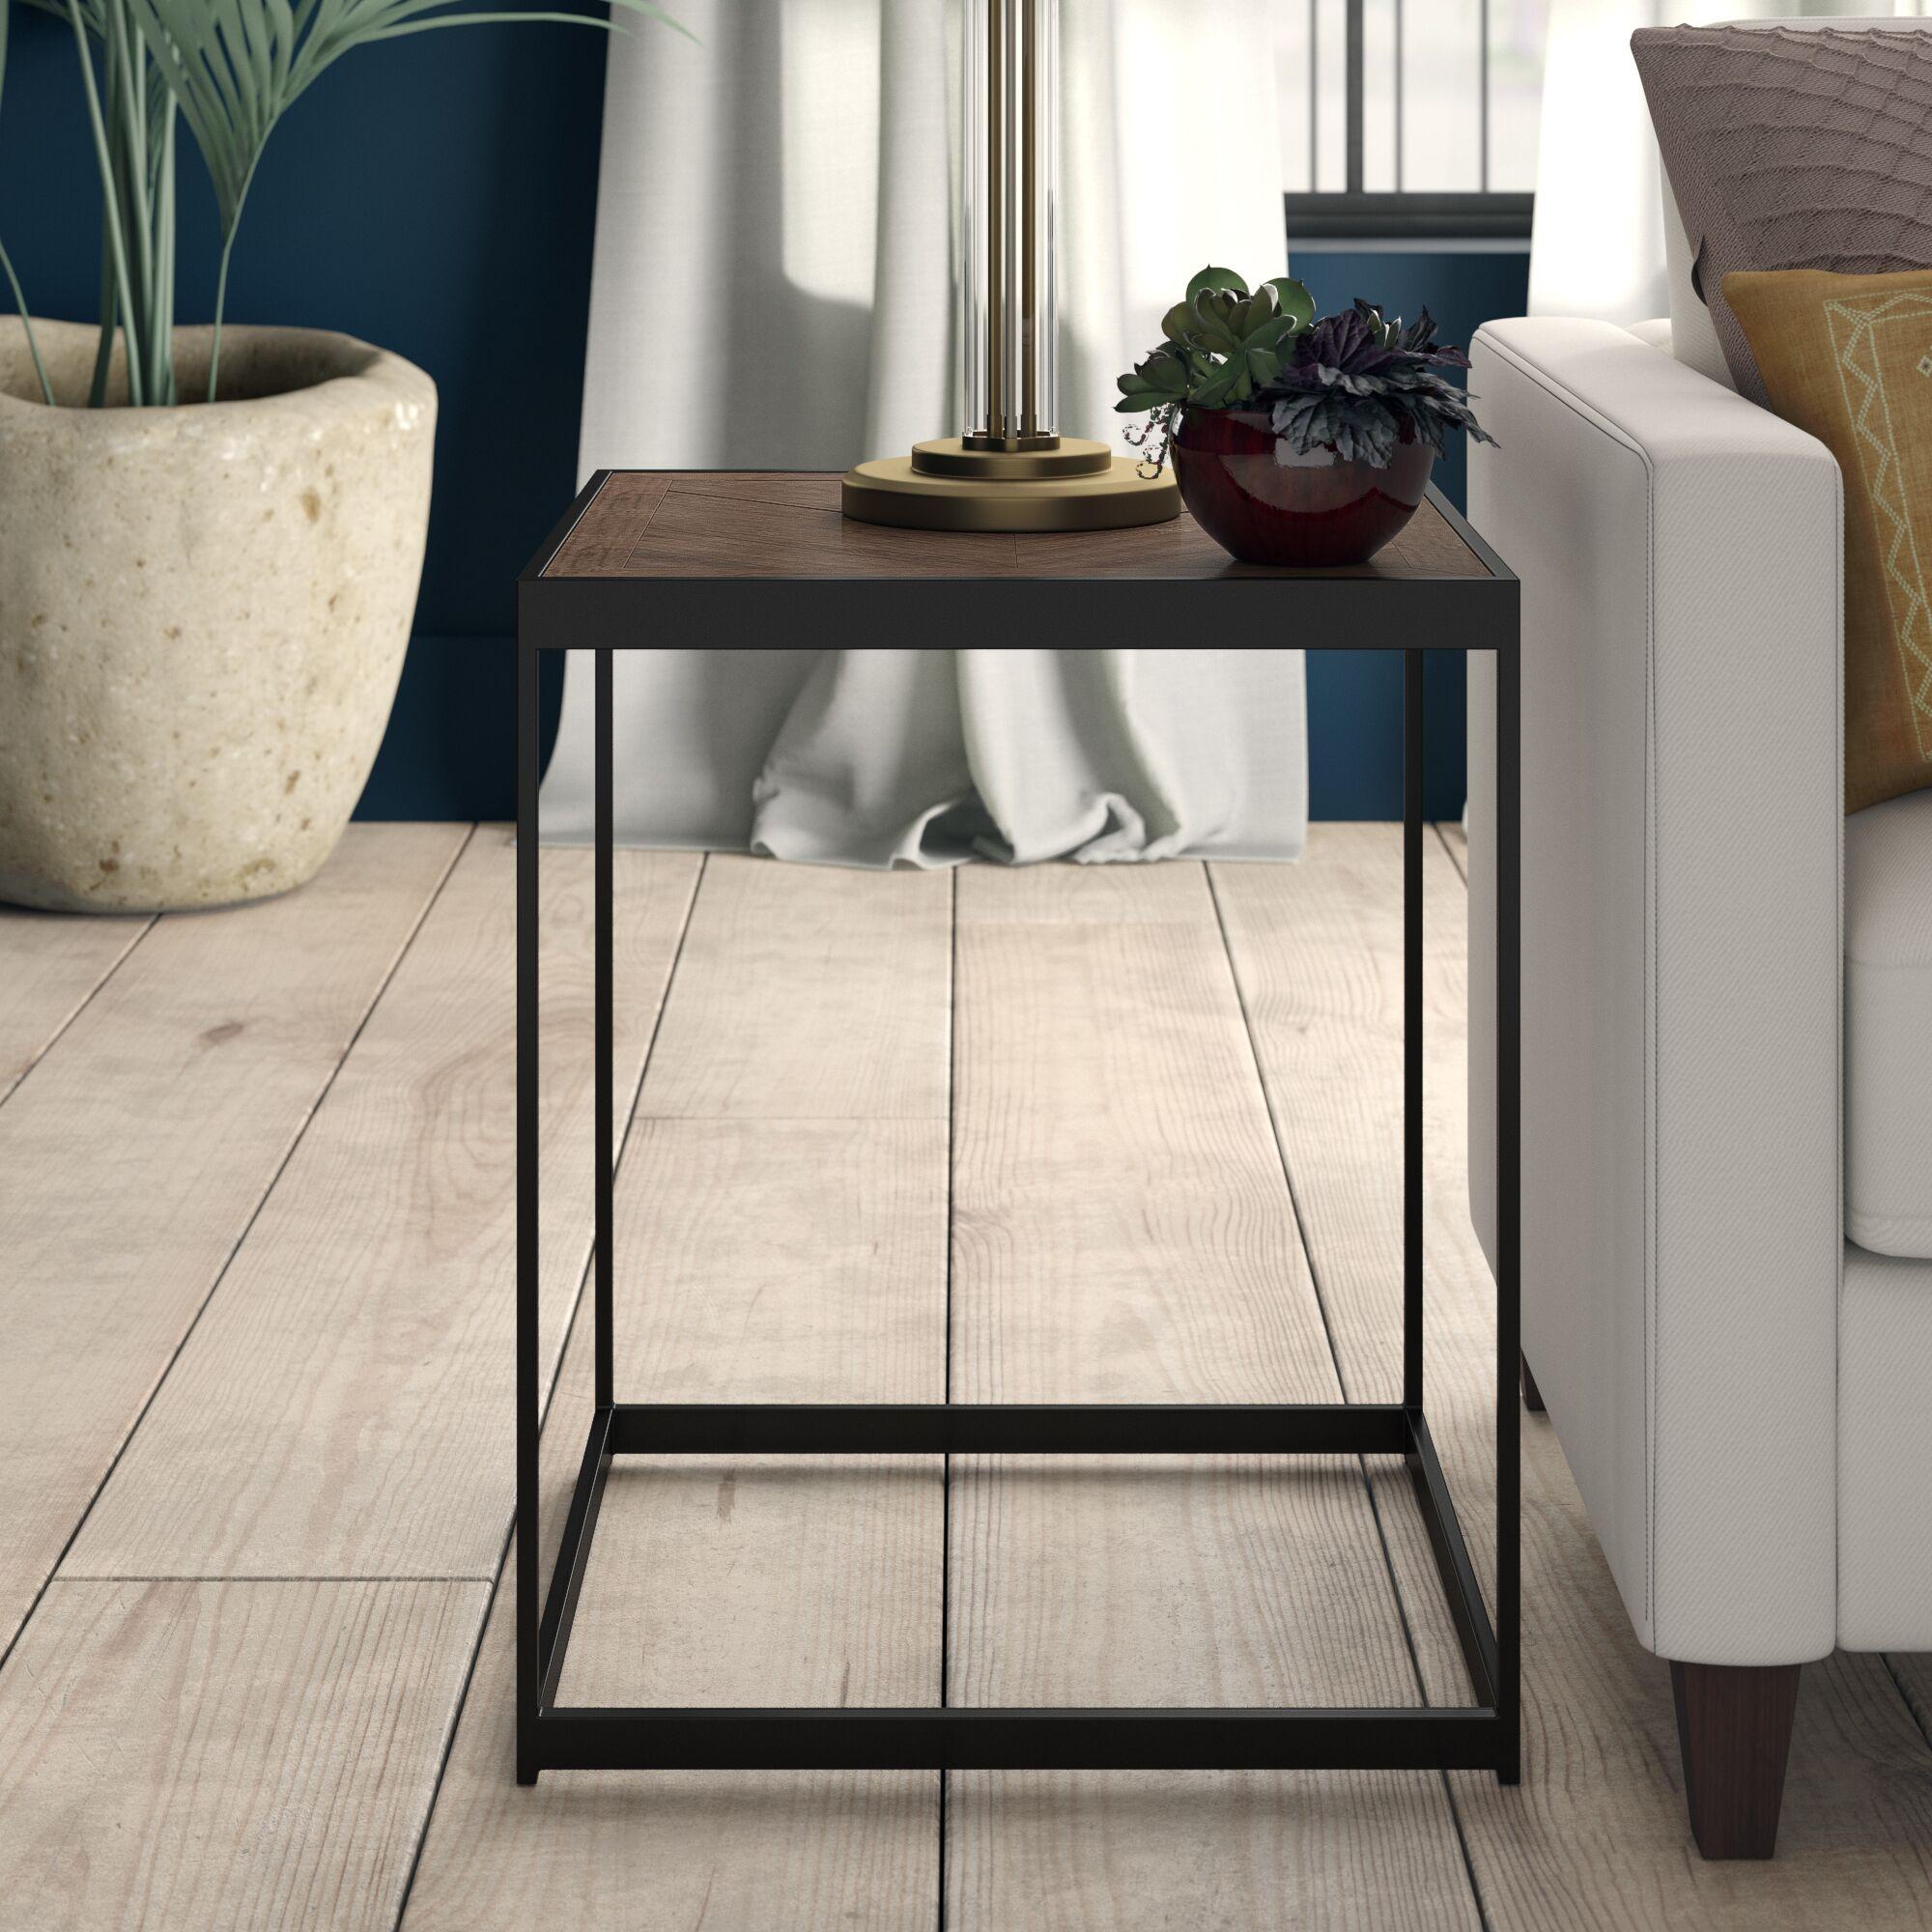 Melfa End Table